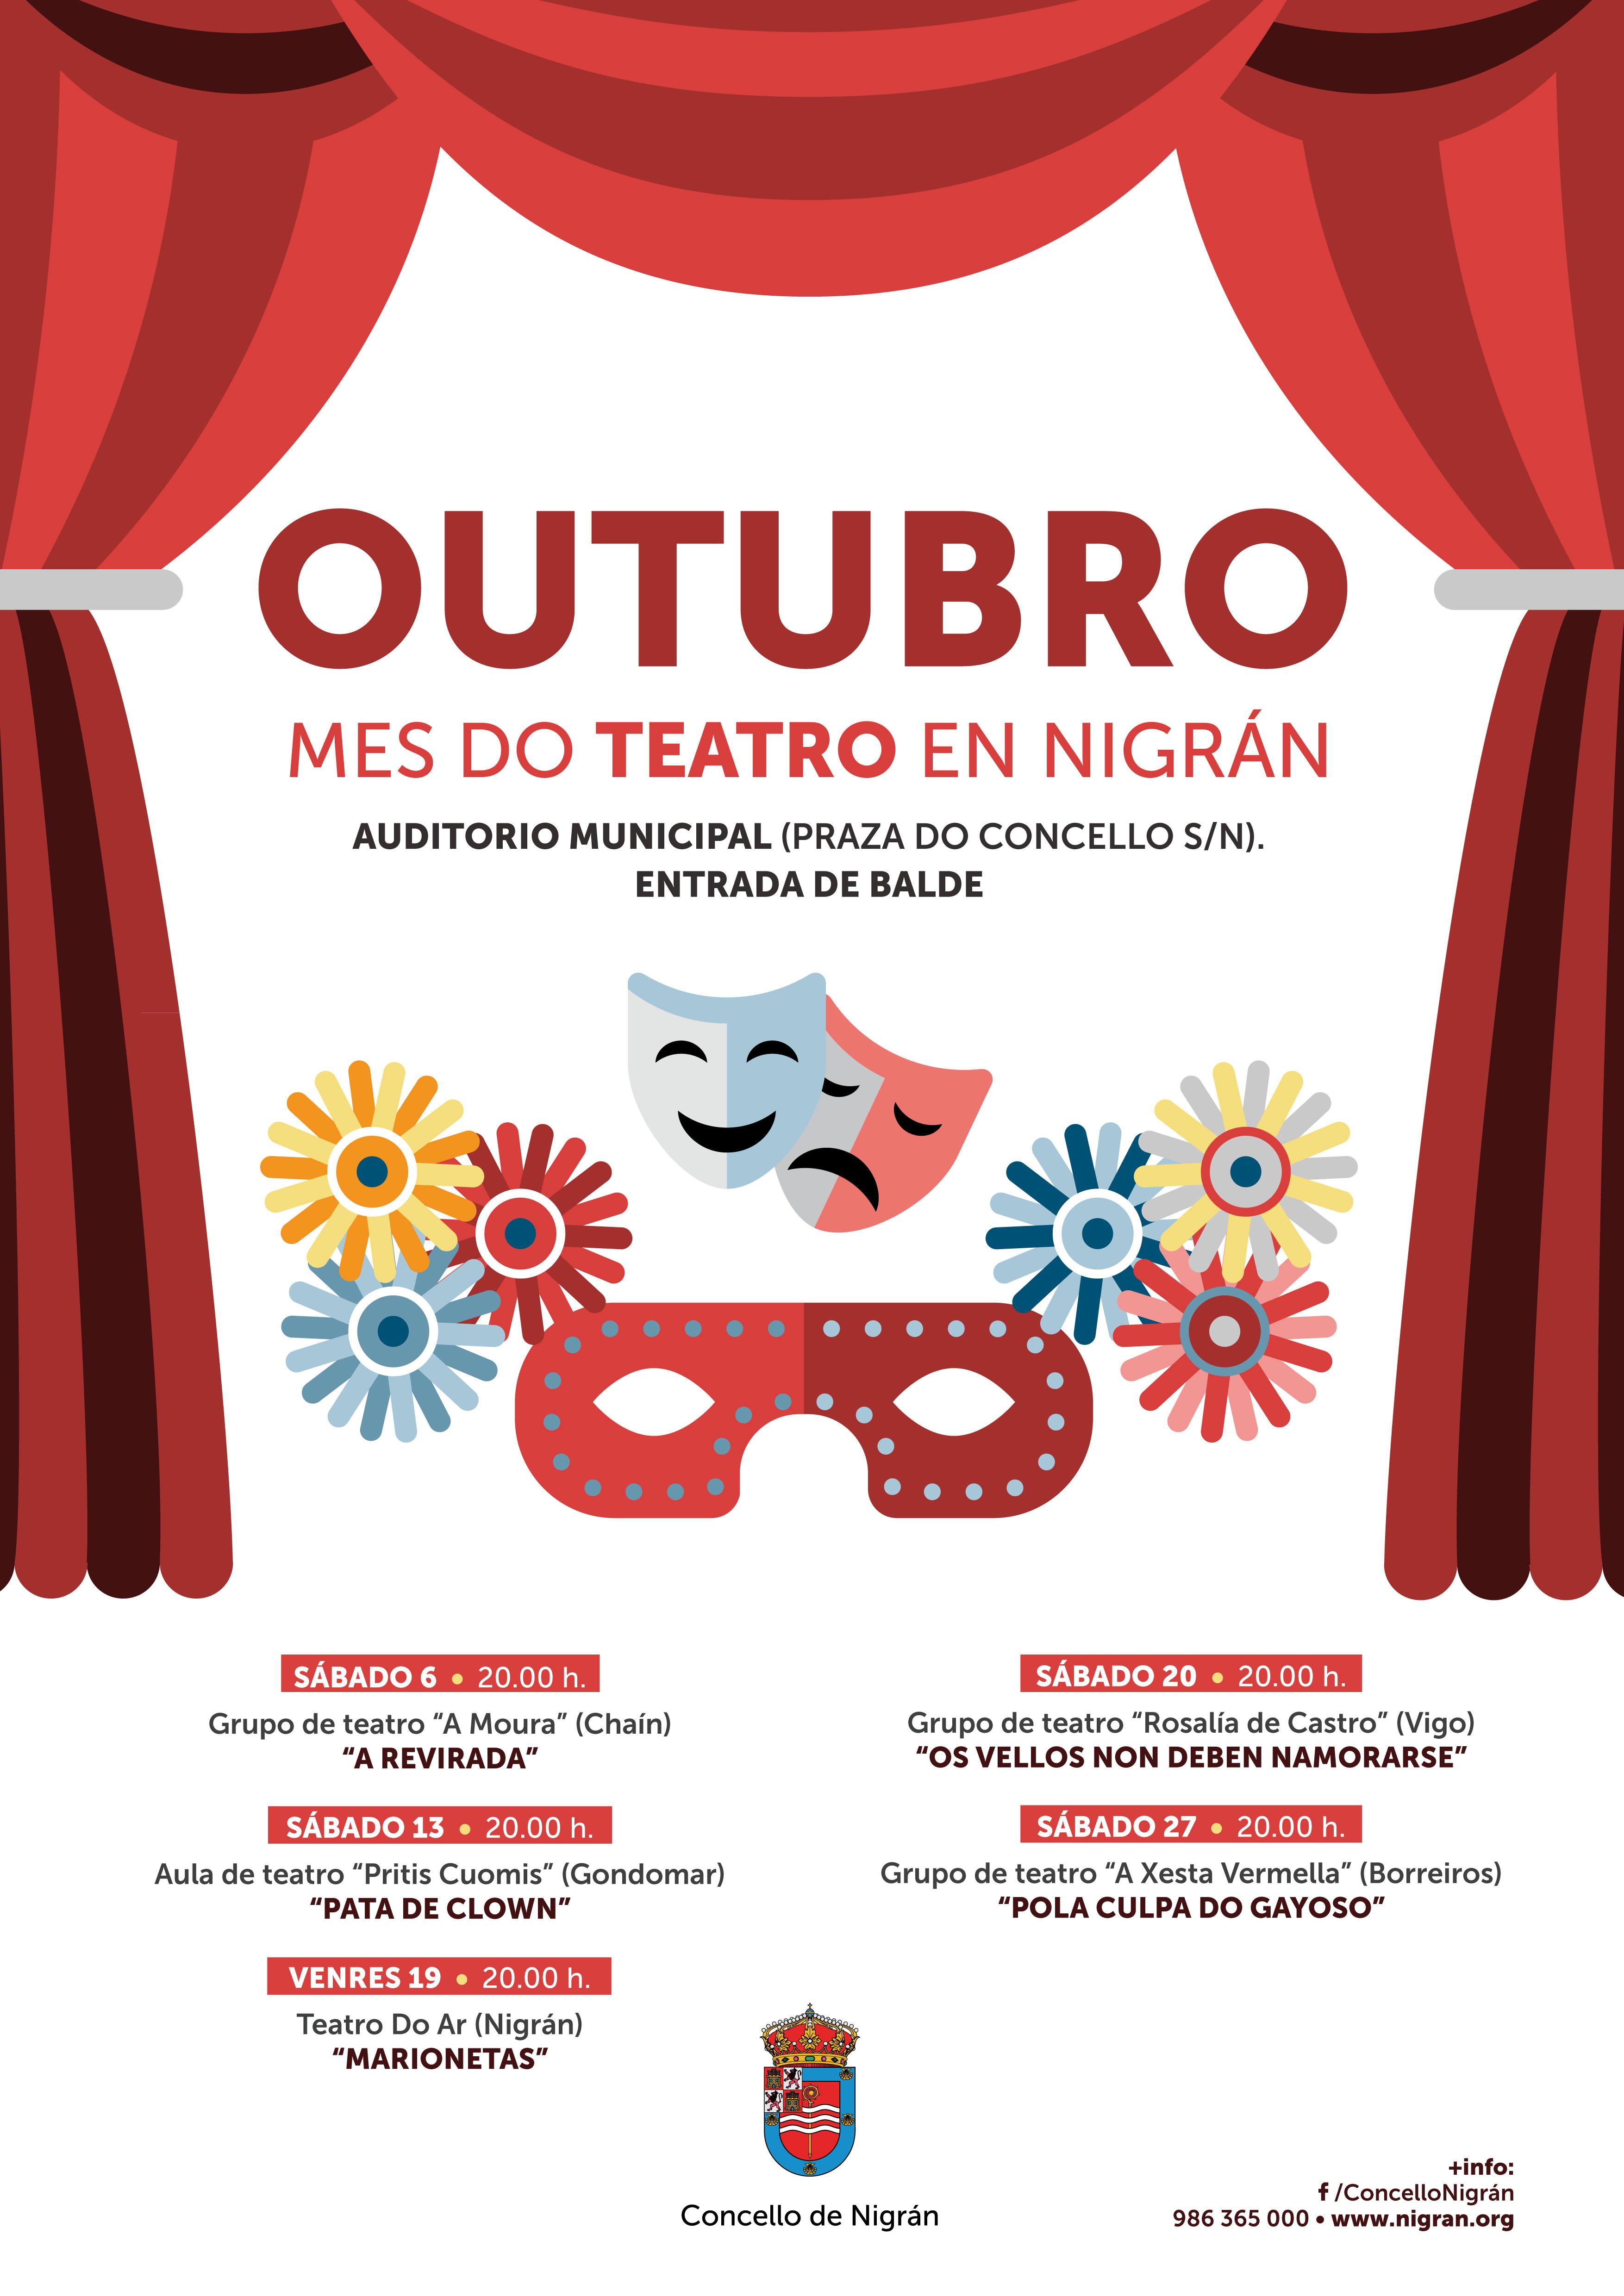 2018-10-05 - FACEBOOK_Cartel_A3_OUTUBRO_TEATRO_2018_1